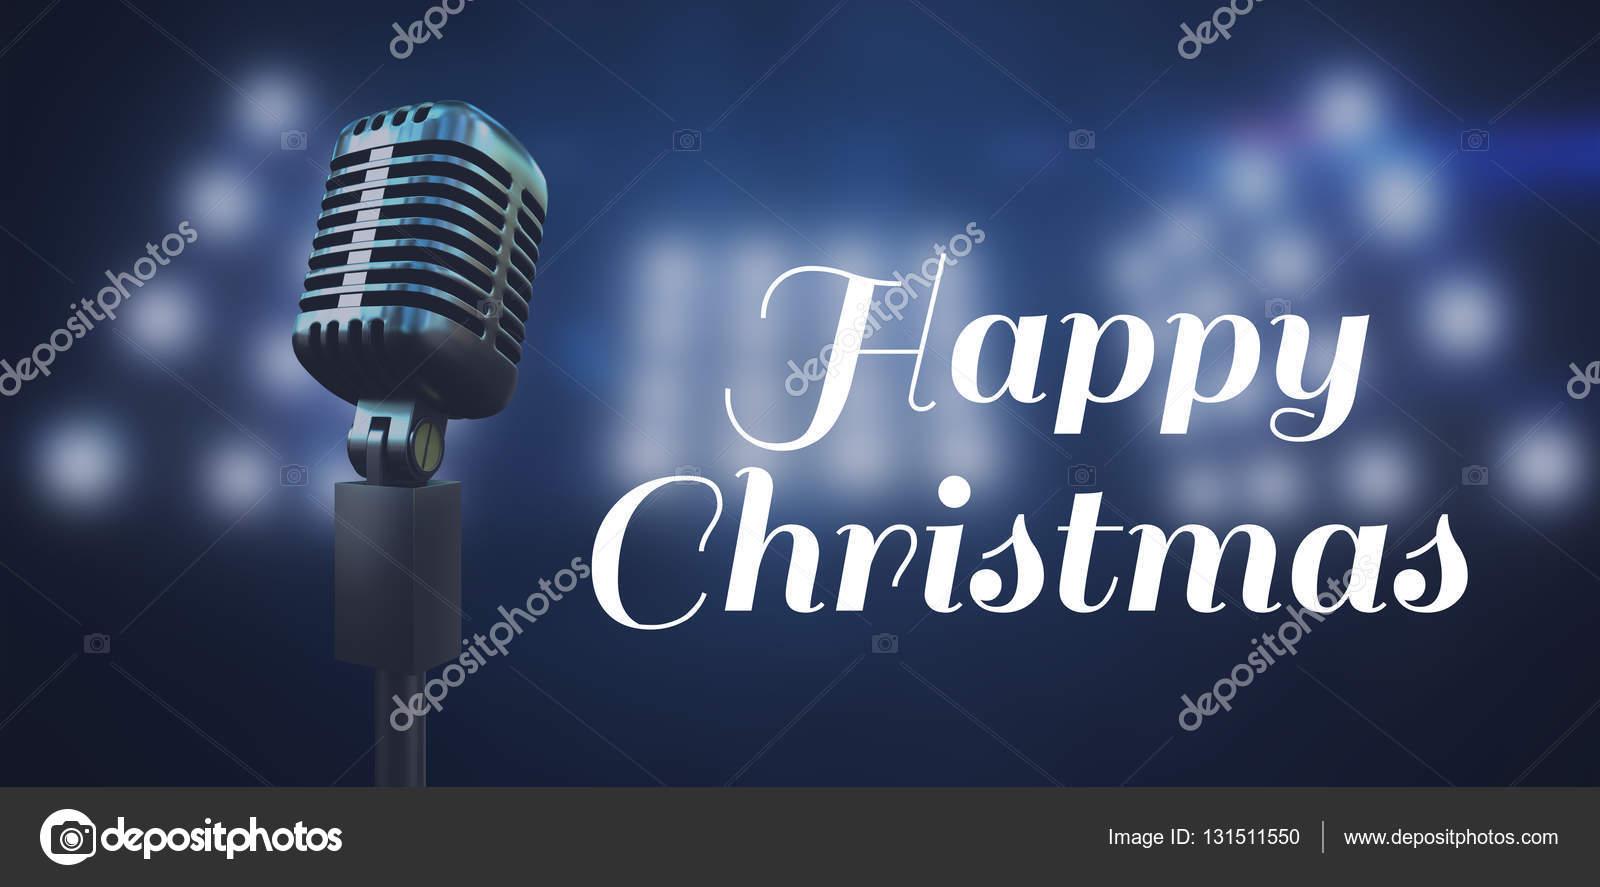 Joyeux Noel Audio.Joyeux Noel Contre Du Projecteur Photographie